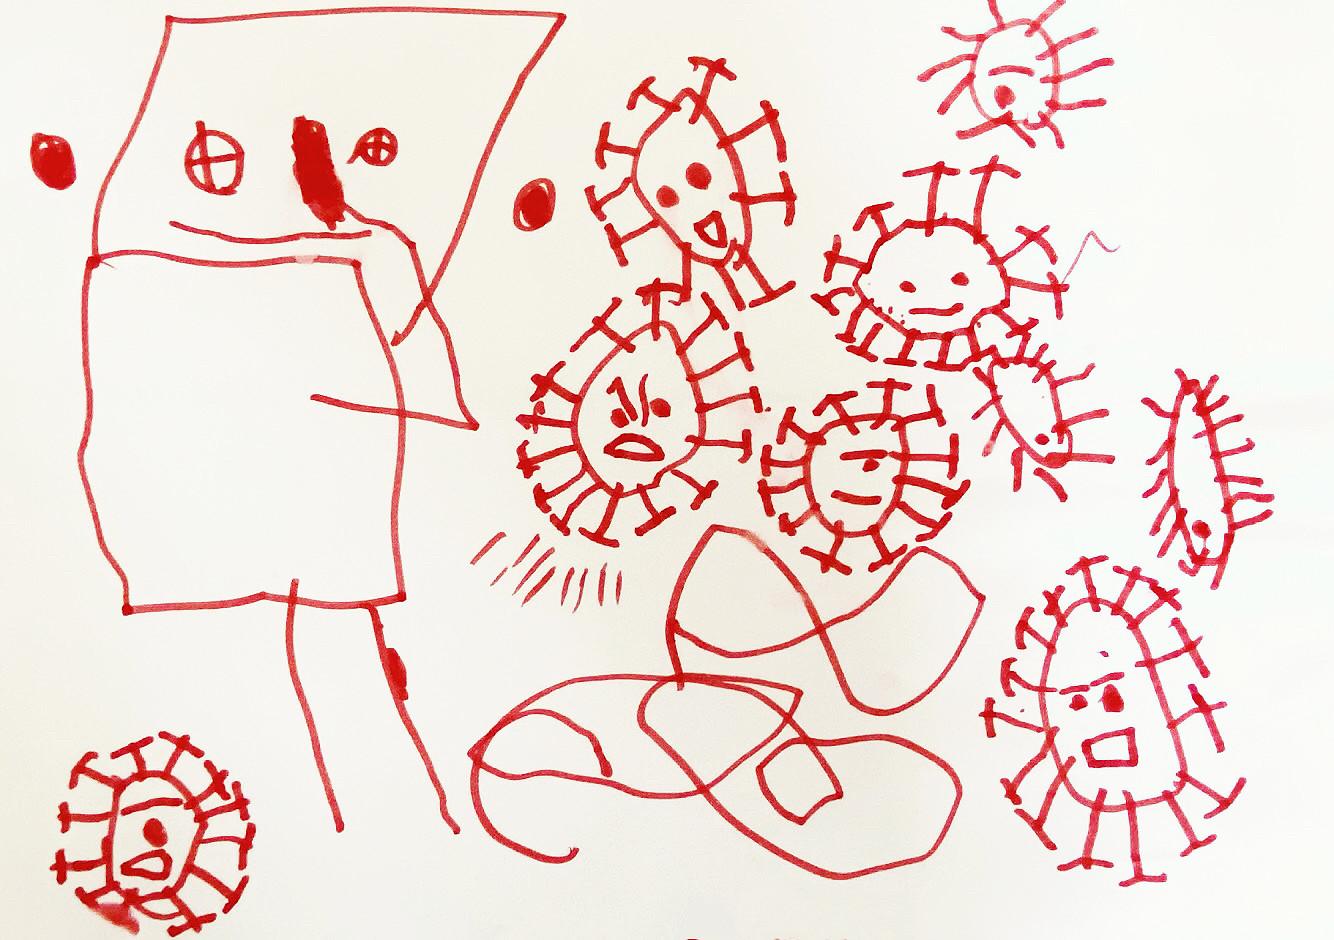 J 13 - Robot et Virus